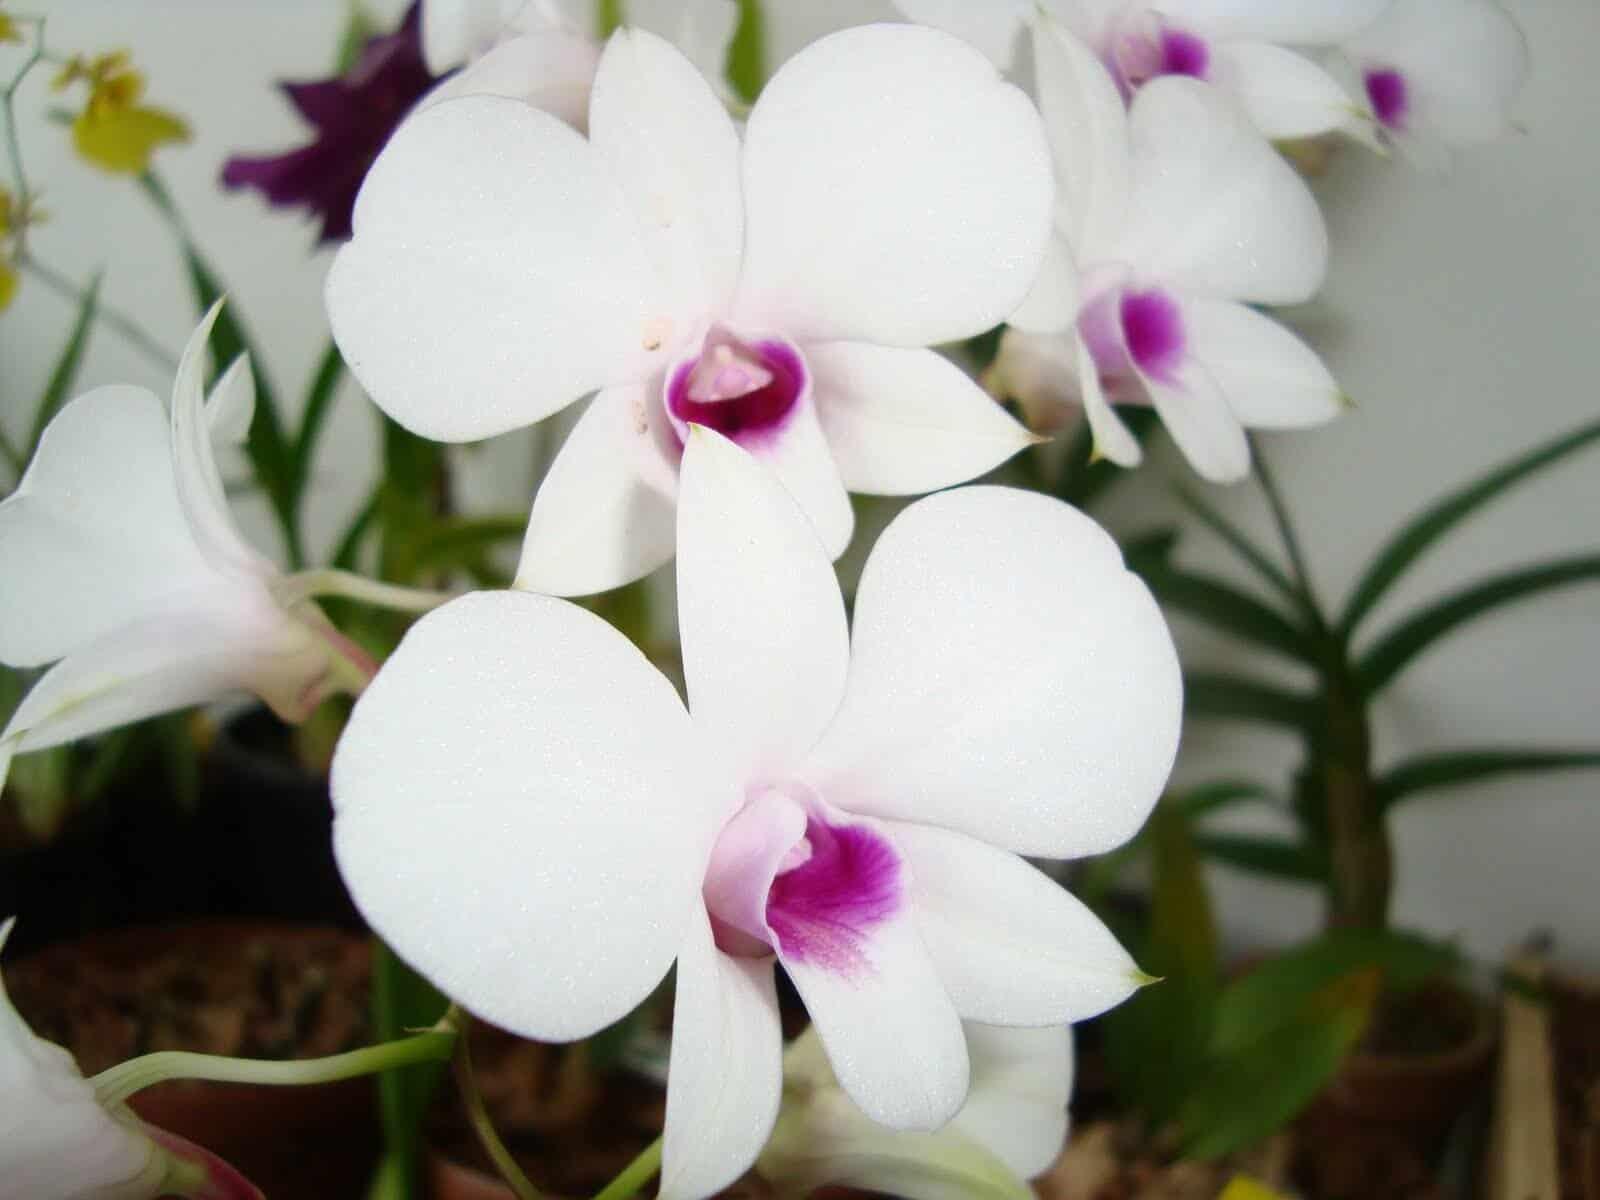 Não há restrições quanto à decoração de ambinetes com orquídeas brancas.